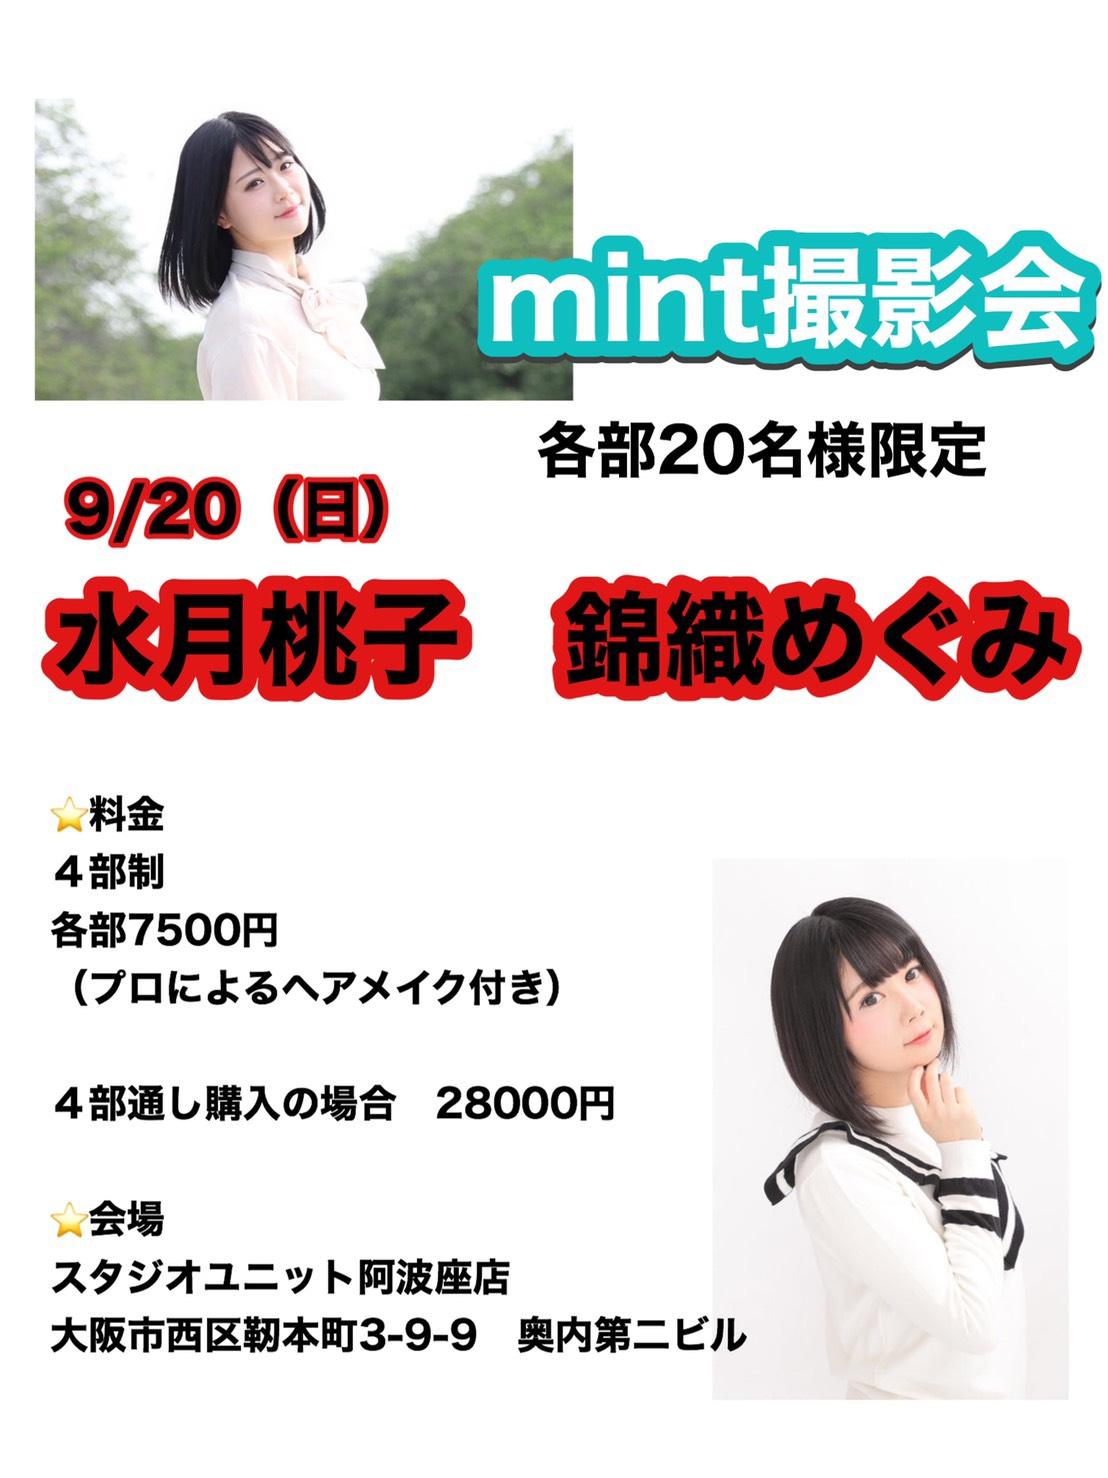 水月桃子 錦織めぐみ mint撮影会